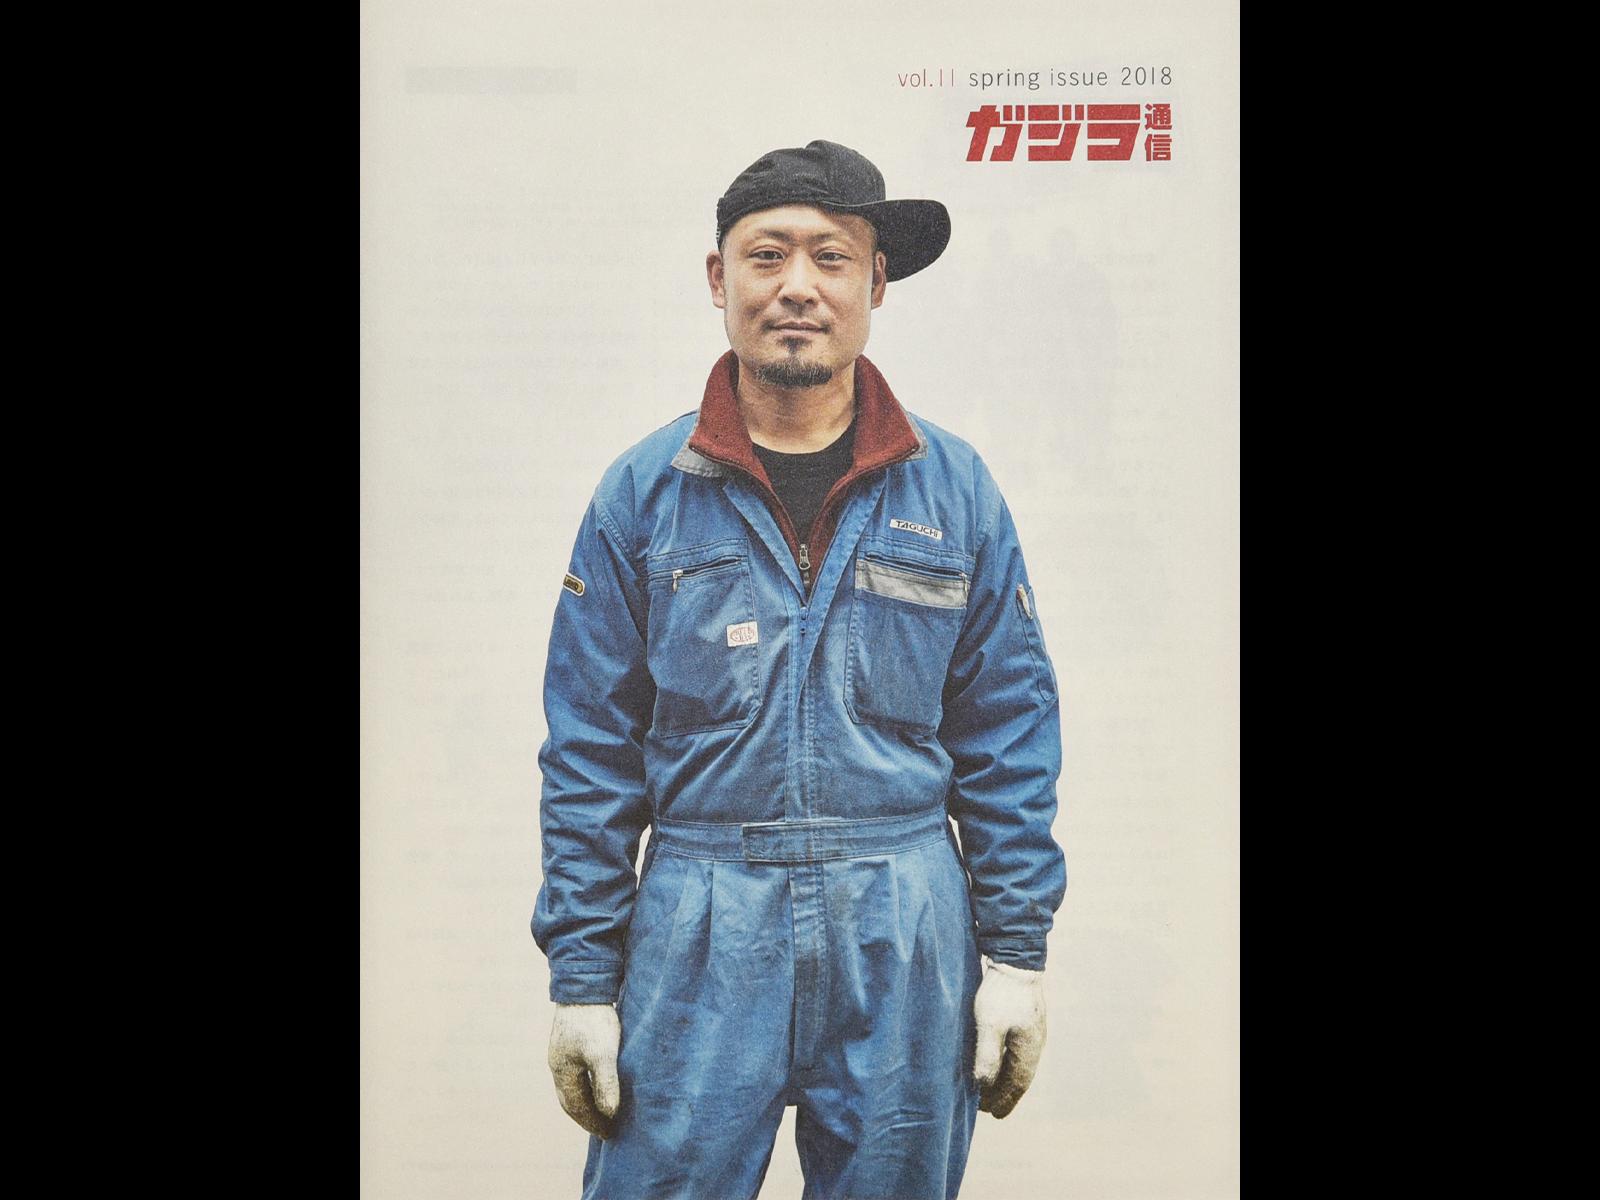 『ガジラ通信 vol.11』